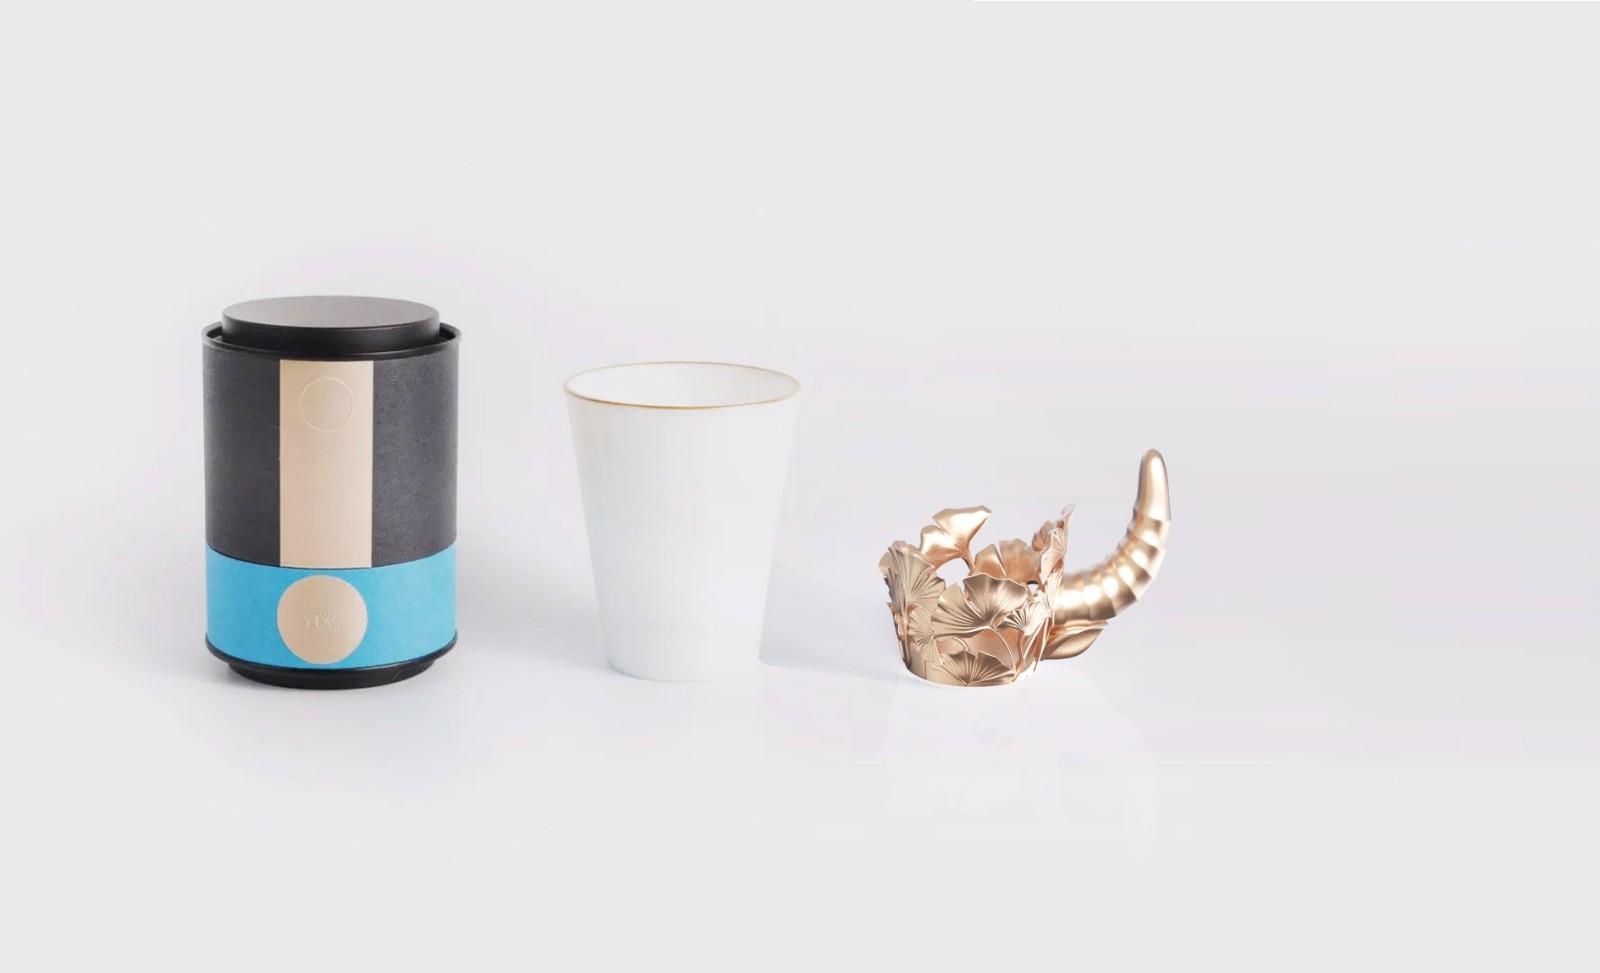 SCRAT3D 鲁琪:用设计拓宽3D打印的边界「从雕塑设计到3D打印设计」